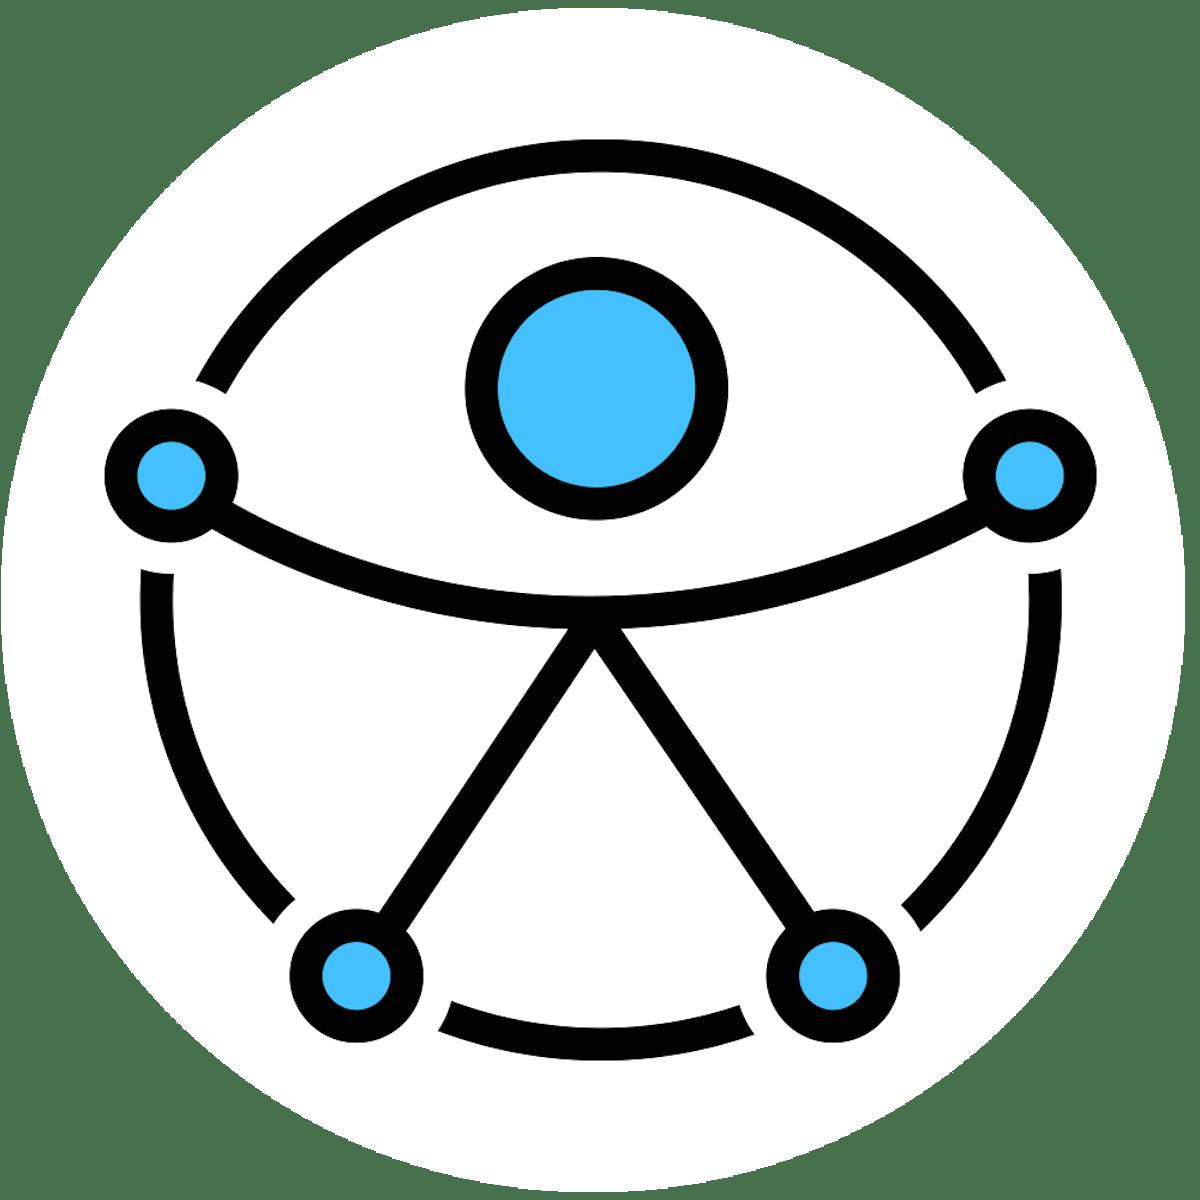 Isenções de IPI, ICMS, IPVA e Rodízio